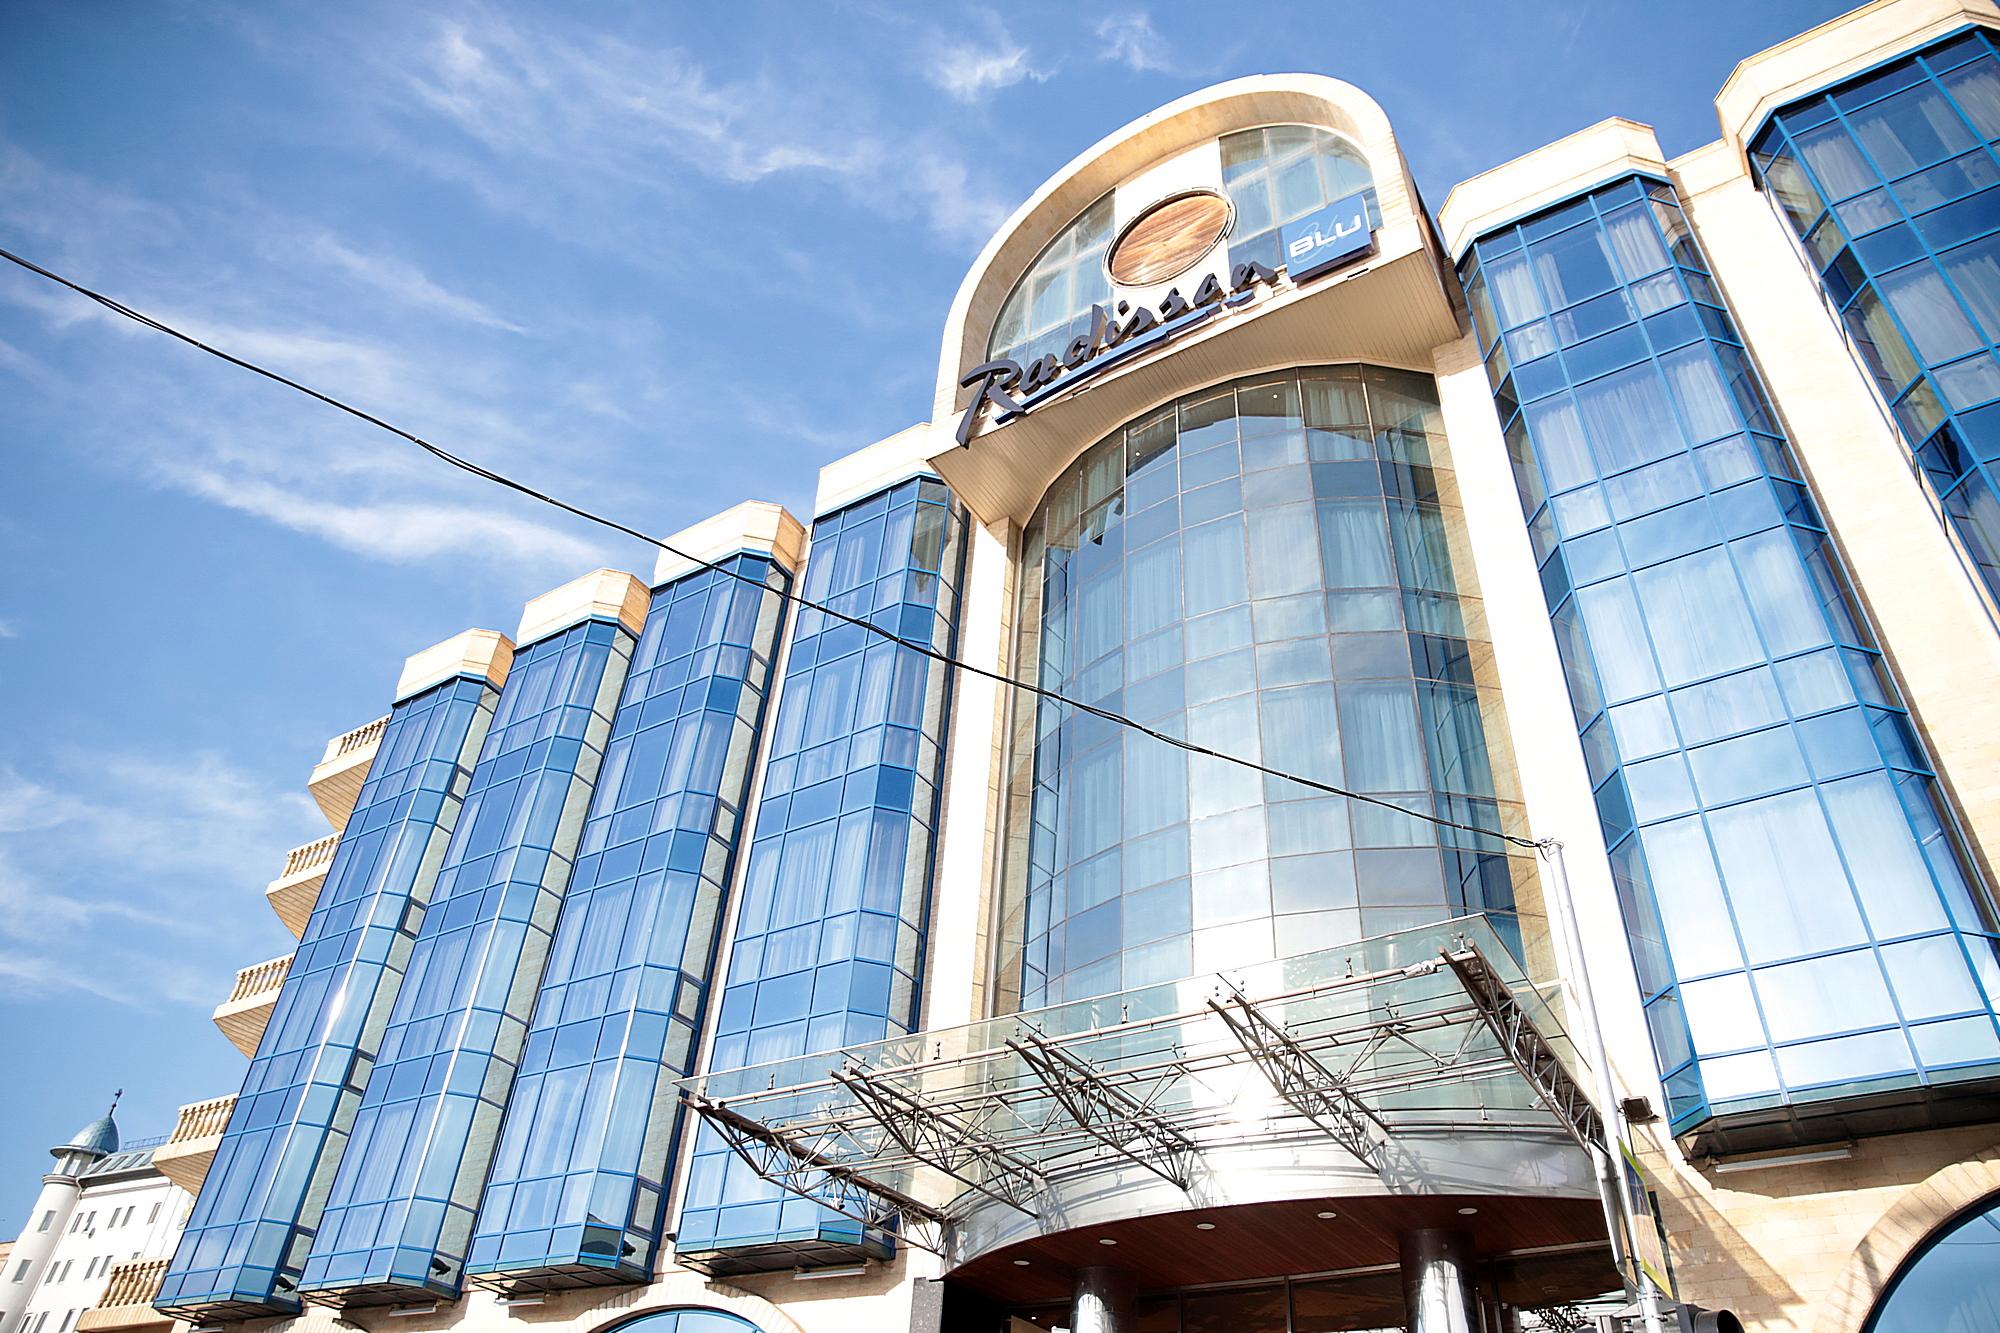 ВРостове-на-Дону кЧМ-2018 откроют два новых отеля